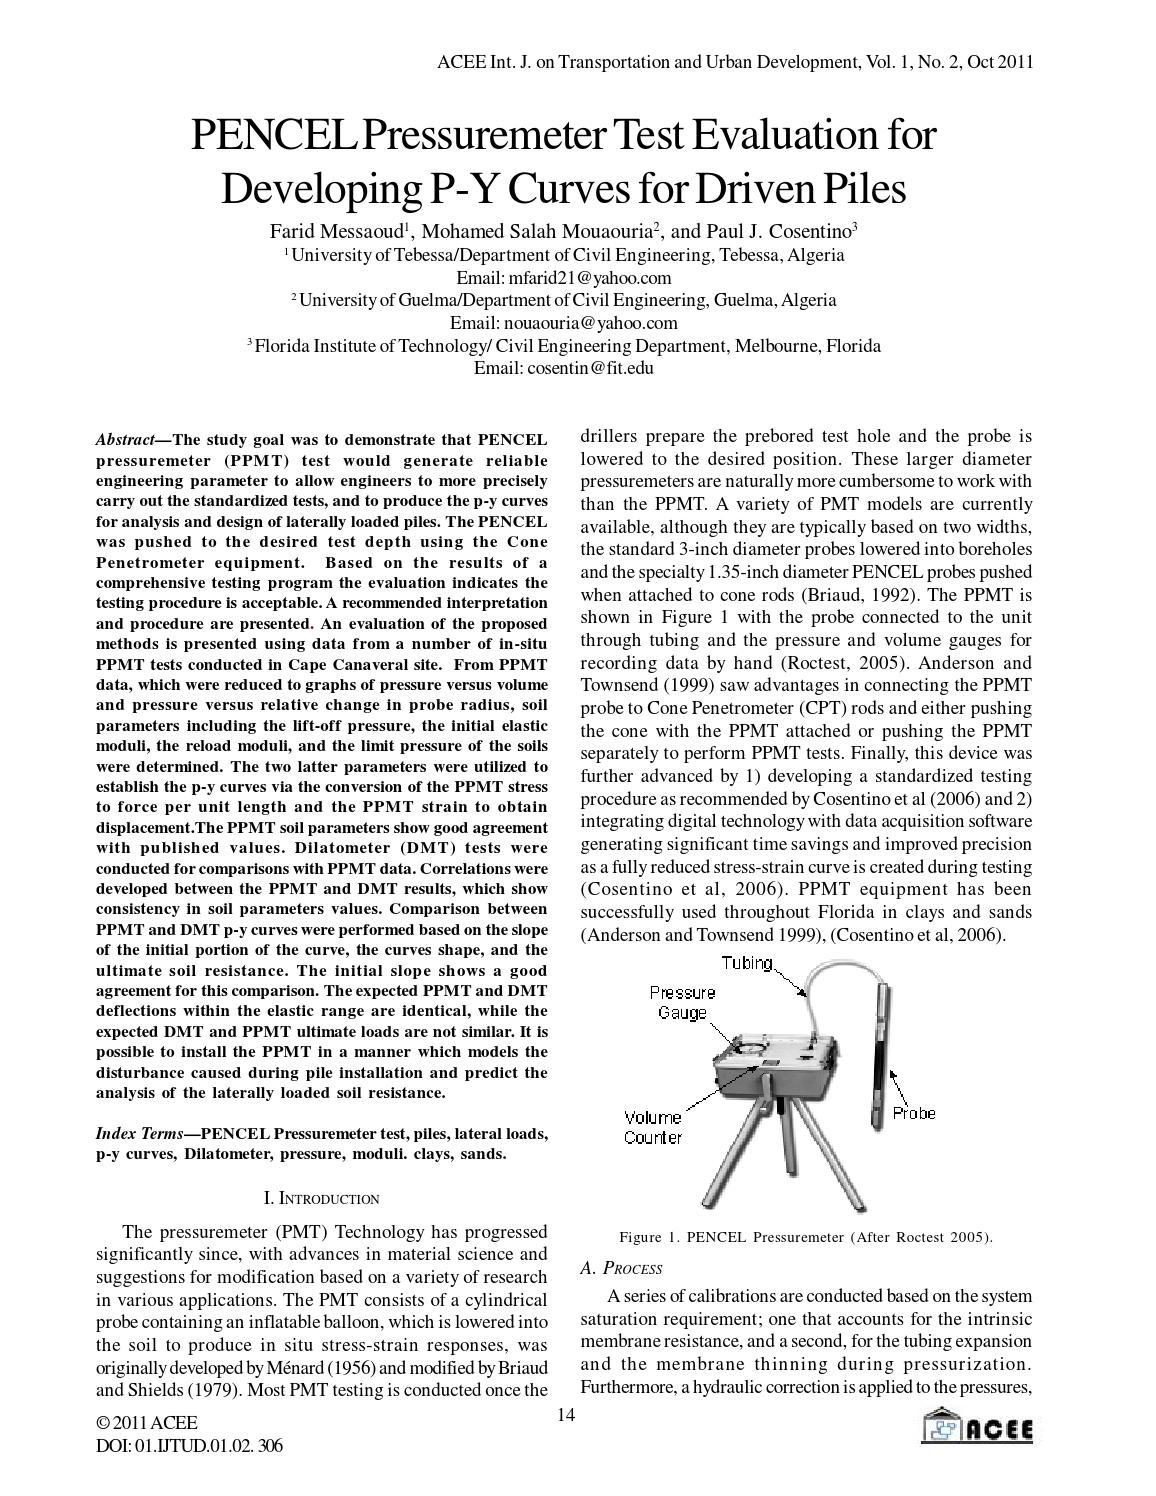 PENCEL Pressuremeter Test Evaluation for Developing P-Y